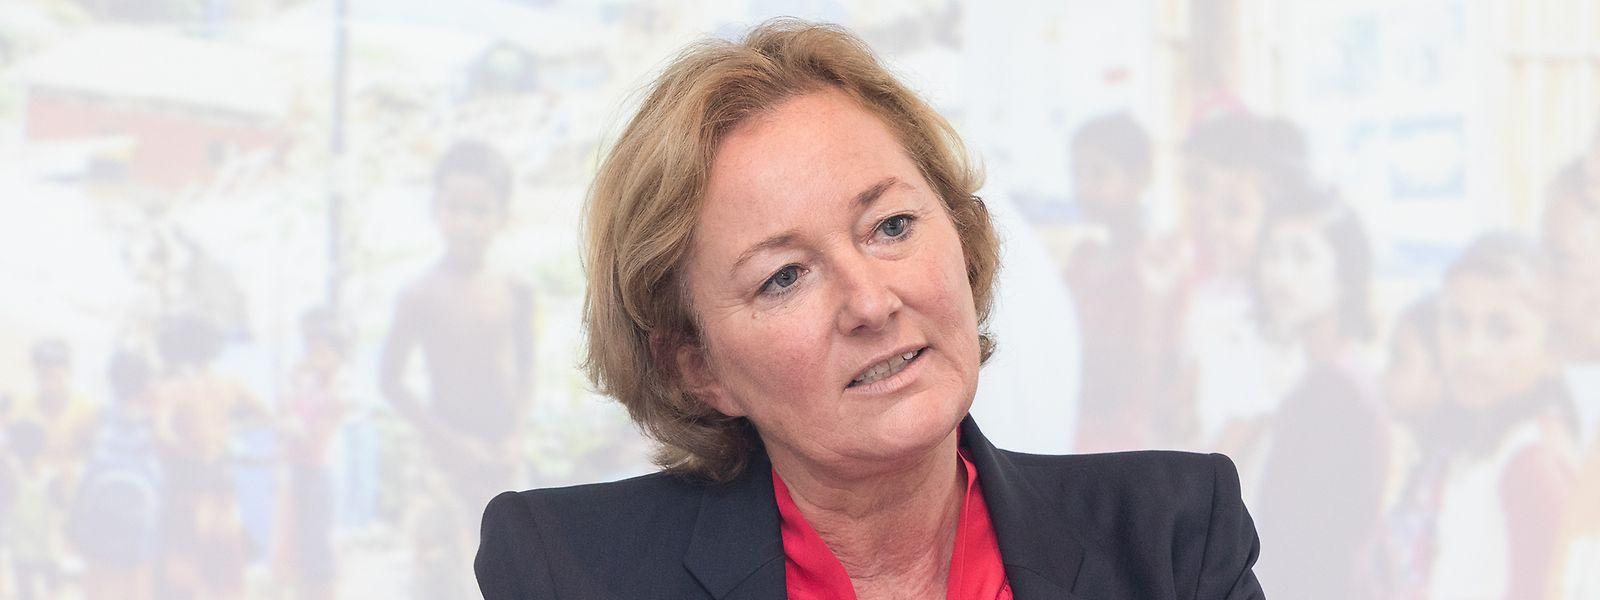 Pour Paulette Lenert, le Commissariat du gouvernement à la qualité, à la fraude et à la sécurité alimentaire devrait passer à la vitesse supérieure en 2020.